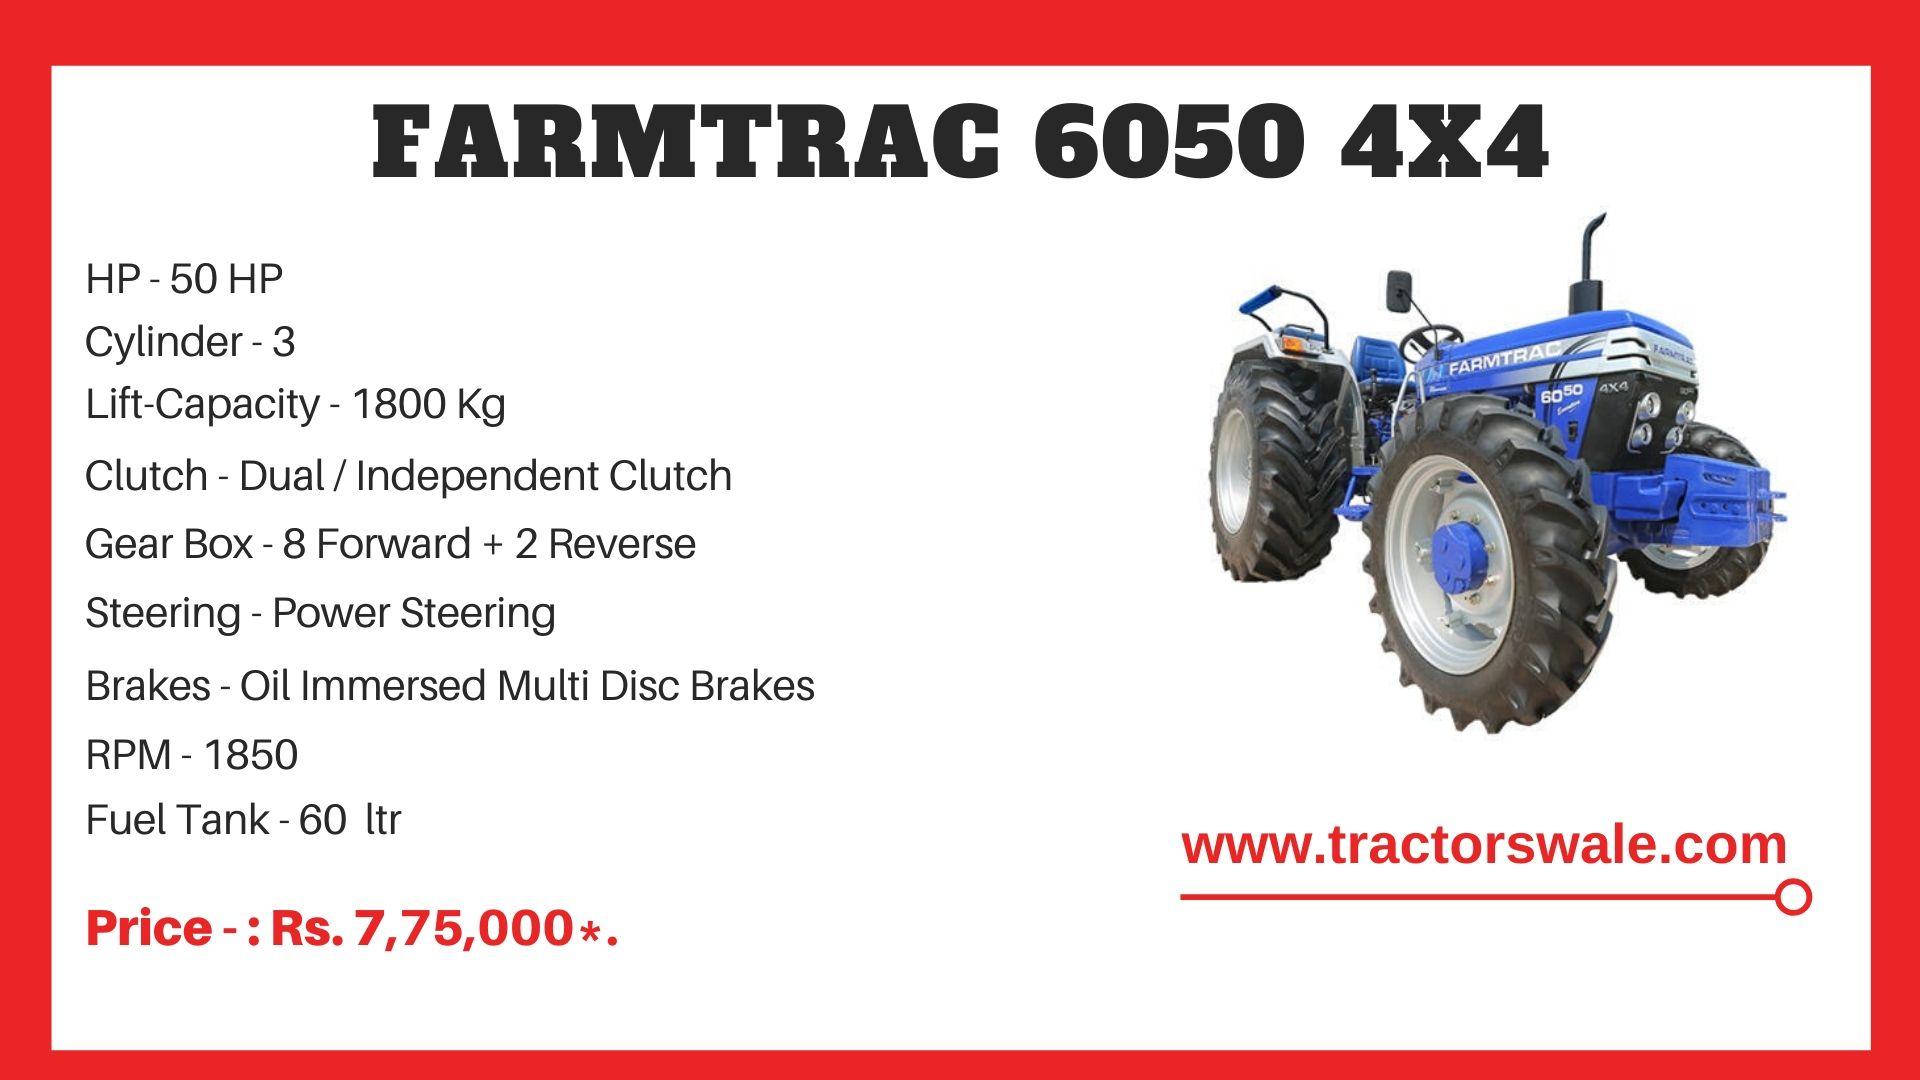 Farmtrac 6050 4X4 tractor price